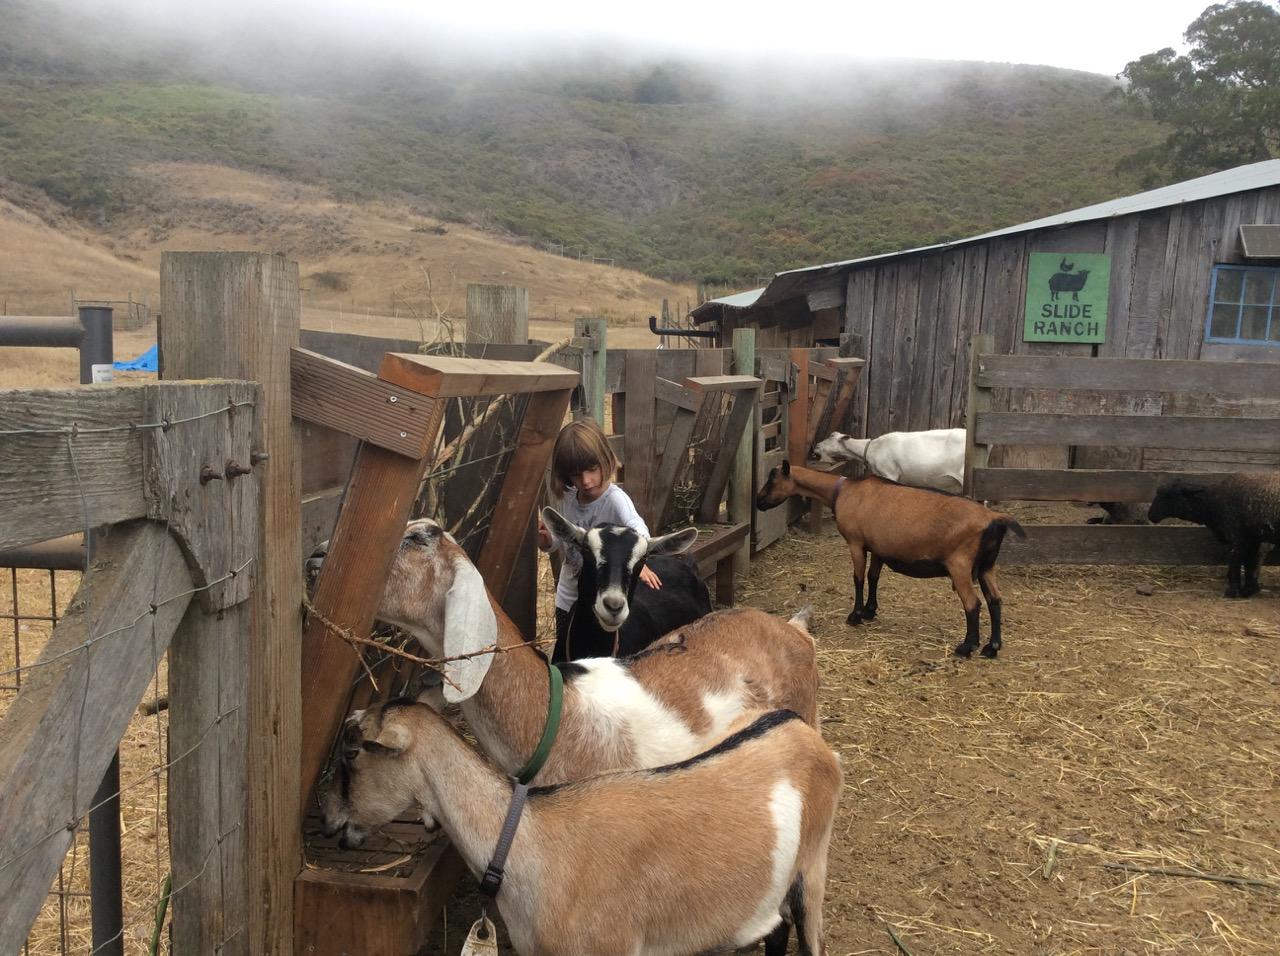 Slide Ranch Summer Camp Highlights 2015 - 46 of 71.jpg